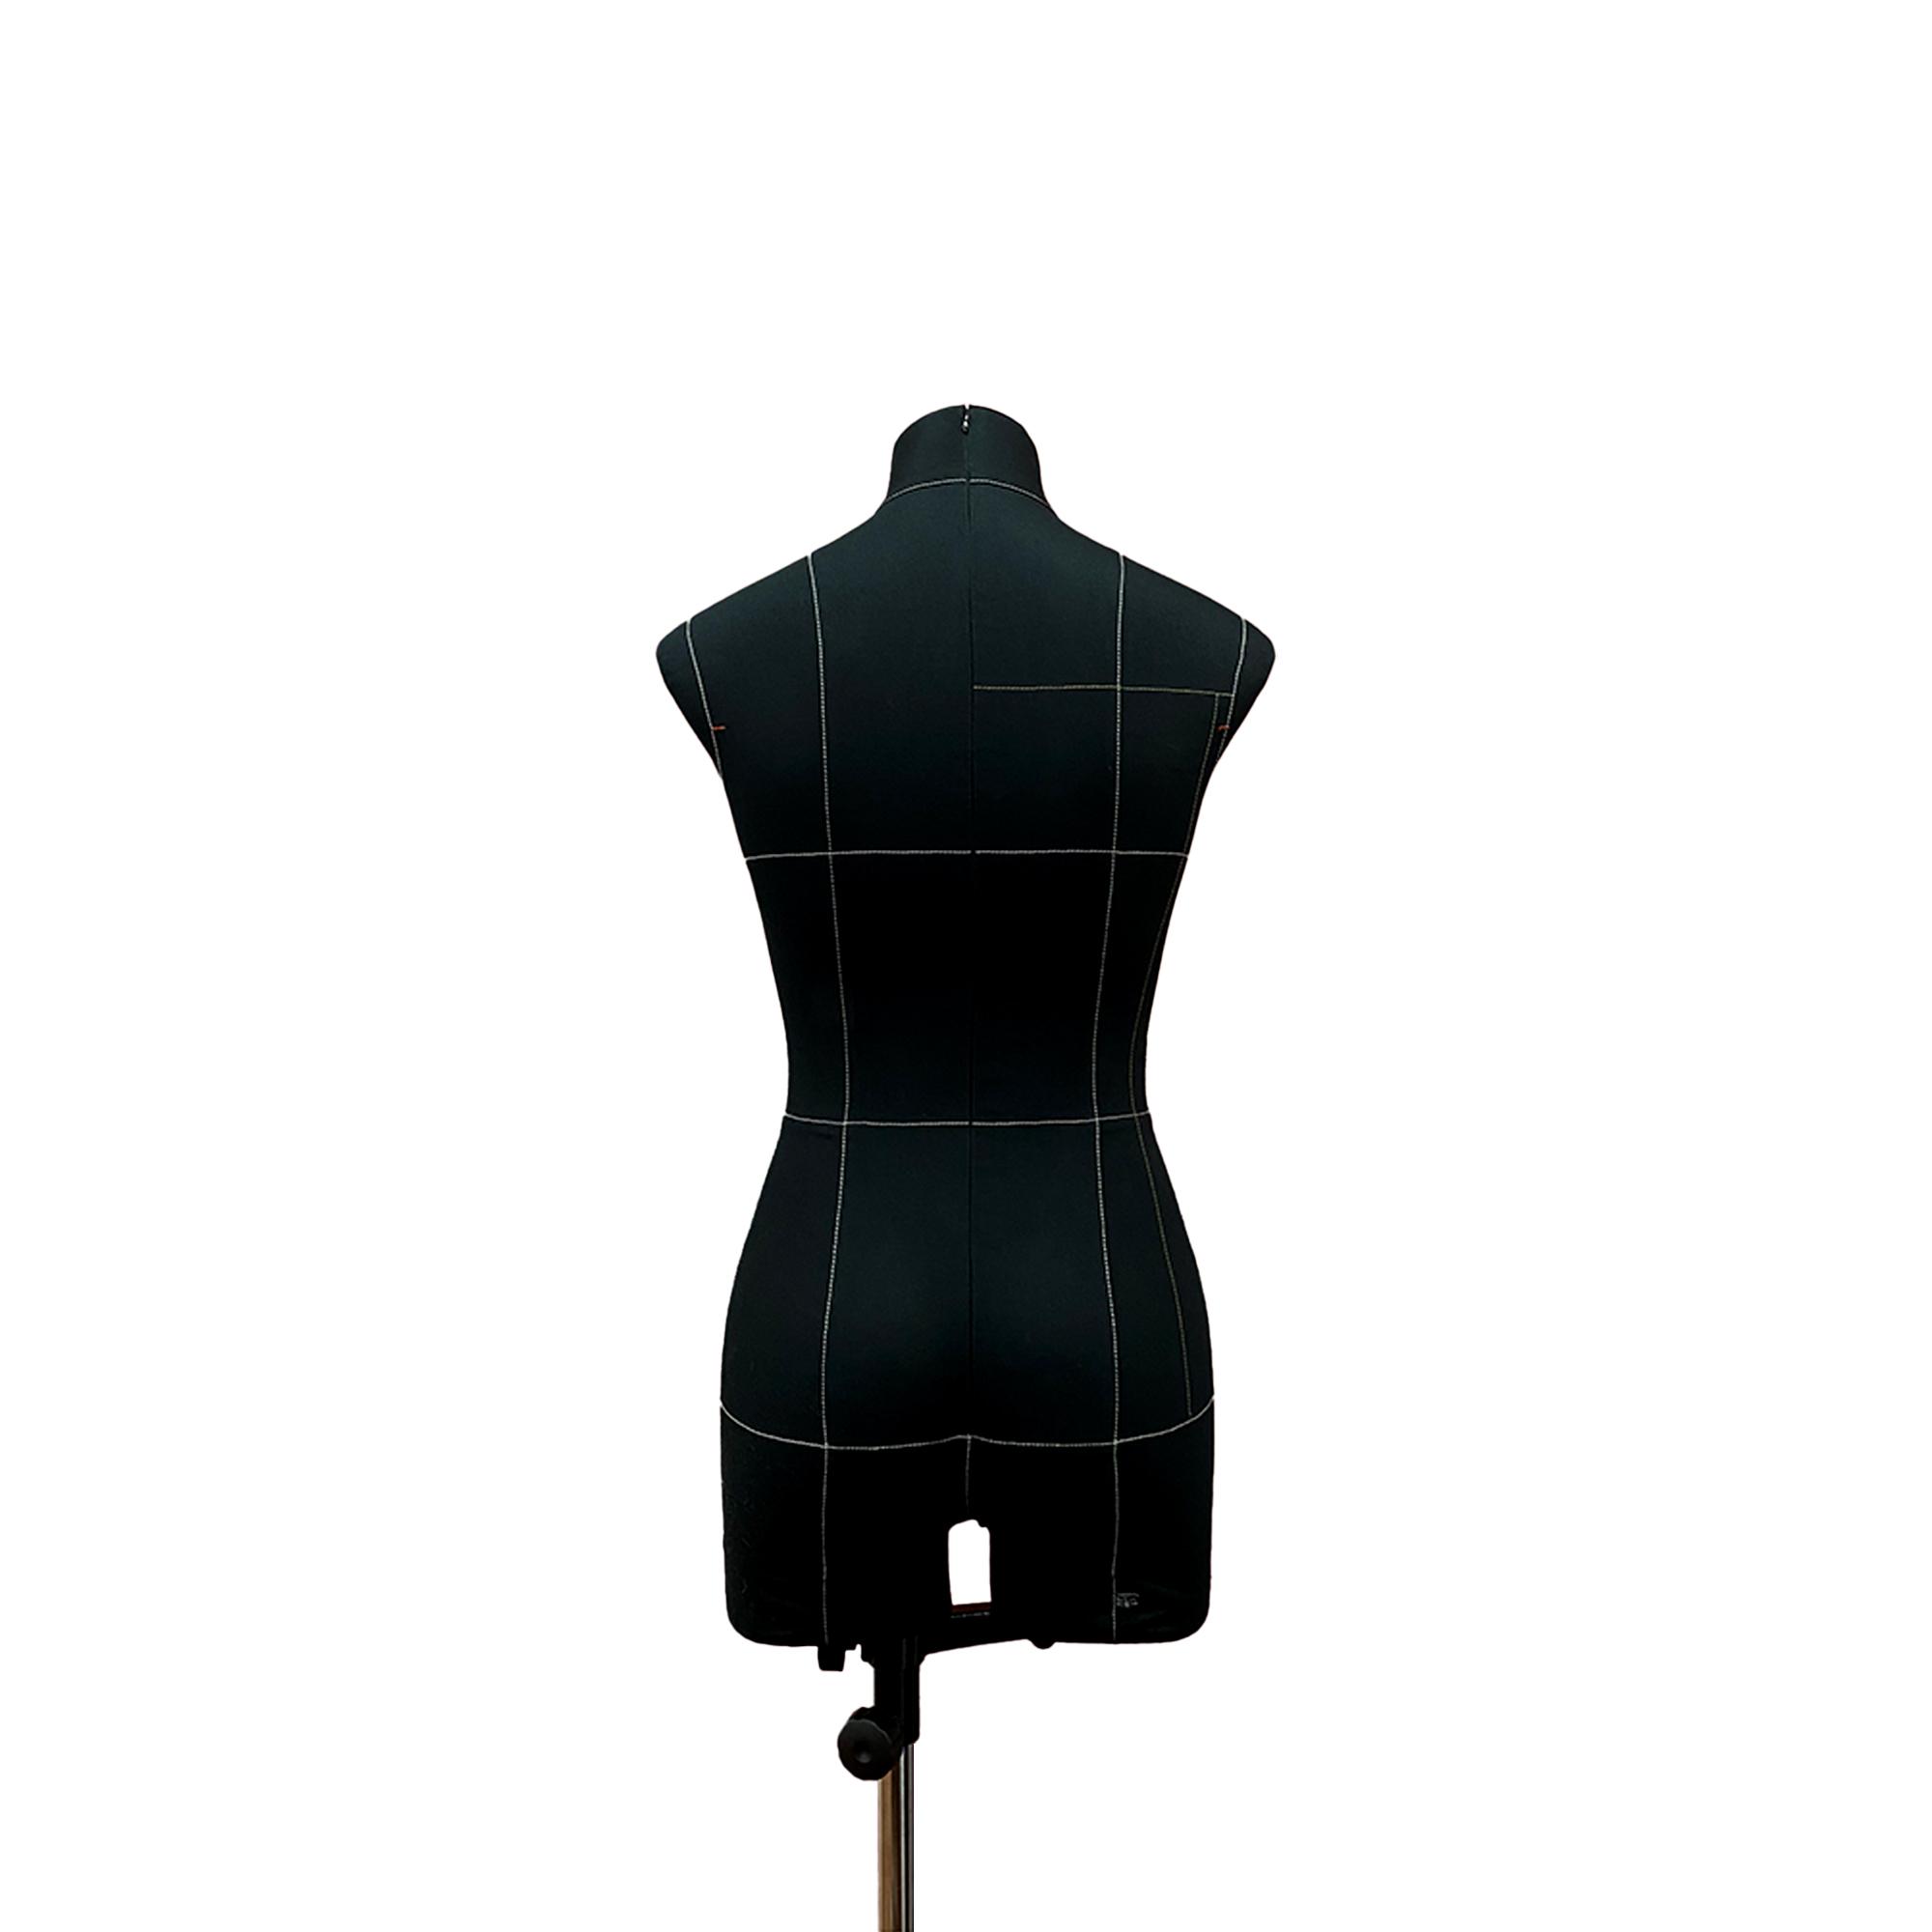 Манекен портновский Моника, комплект Стандарт, размер 44, тип фигуры Прямоугольник, черныйФото 2